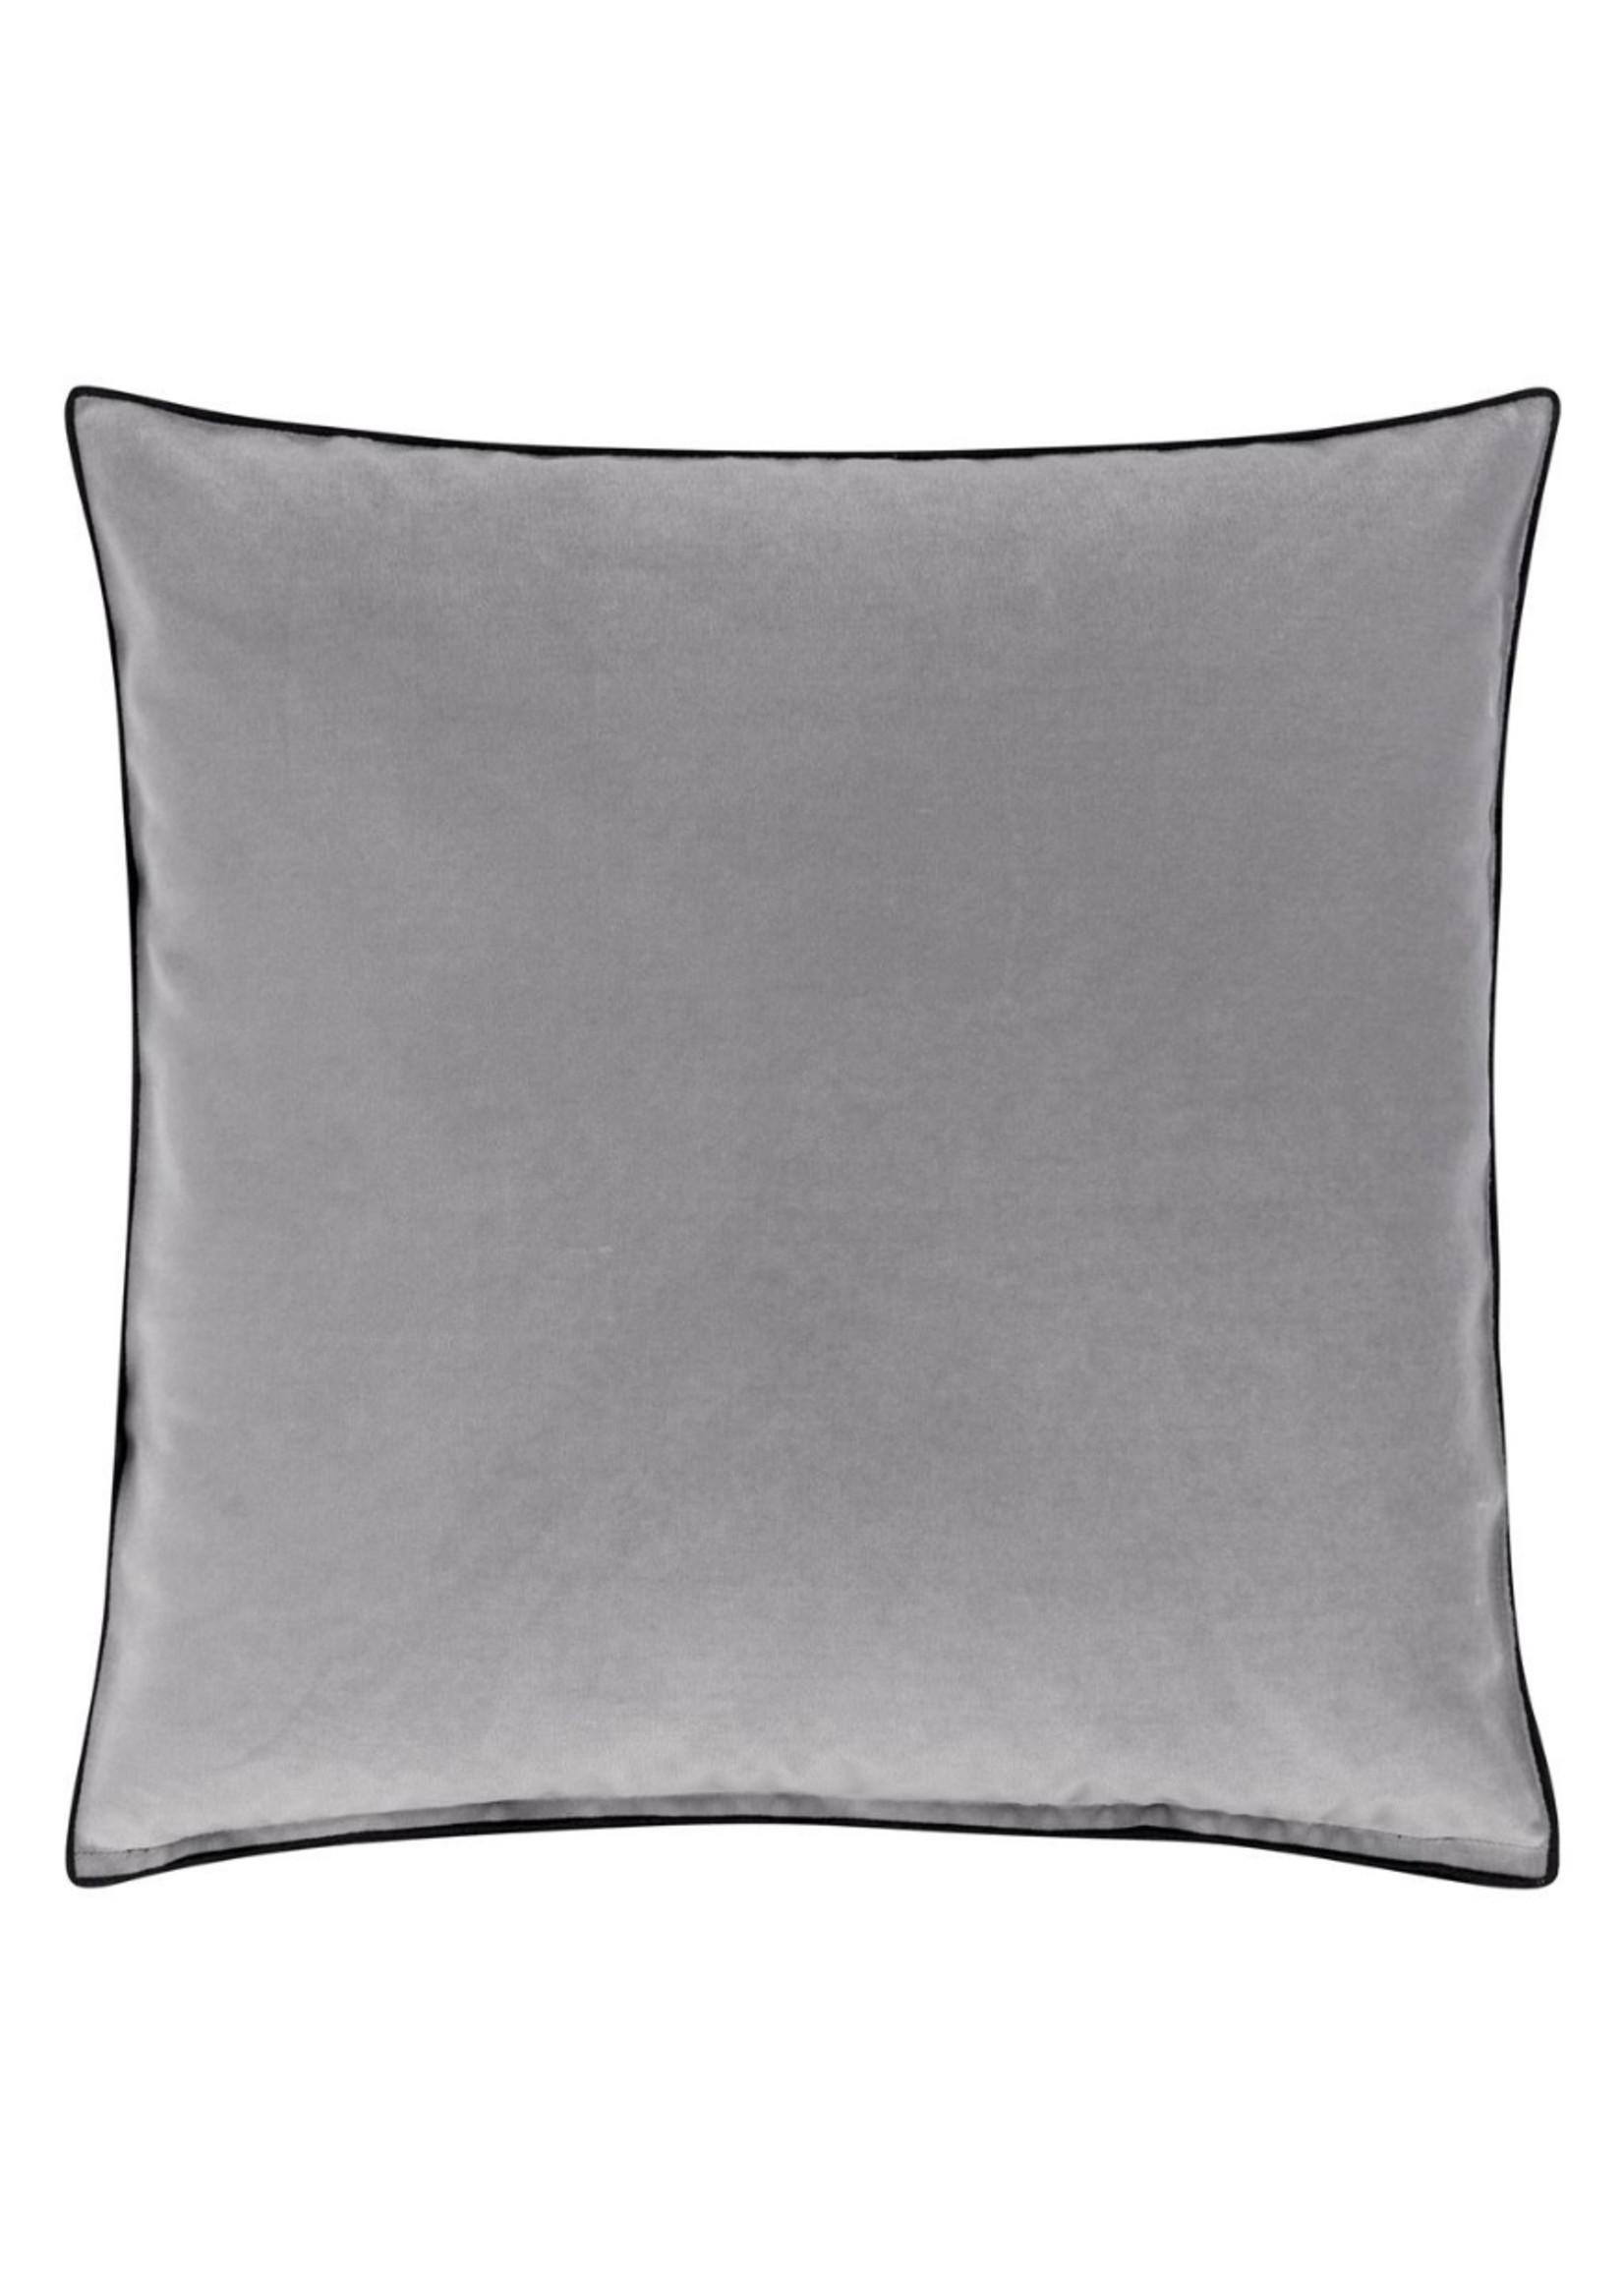 Designers Guild Designers Guild Patiali Plaid Birch Pillow